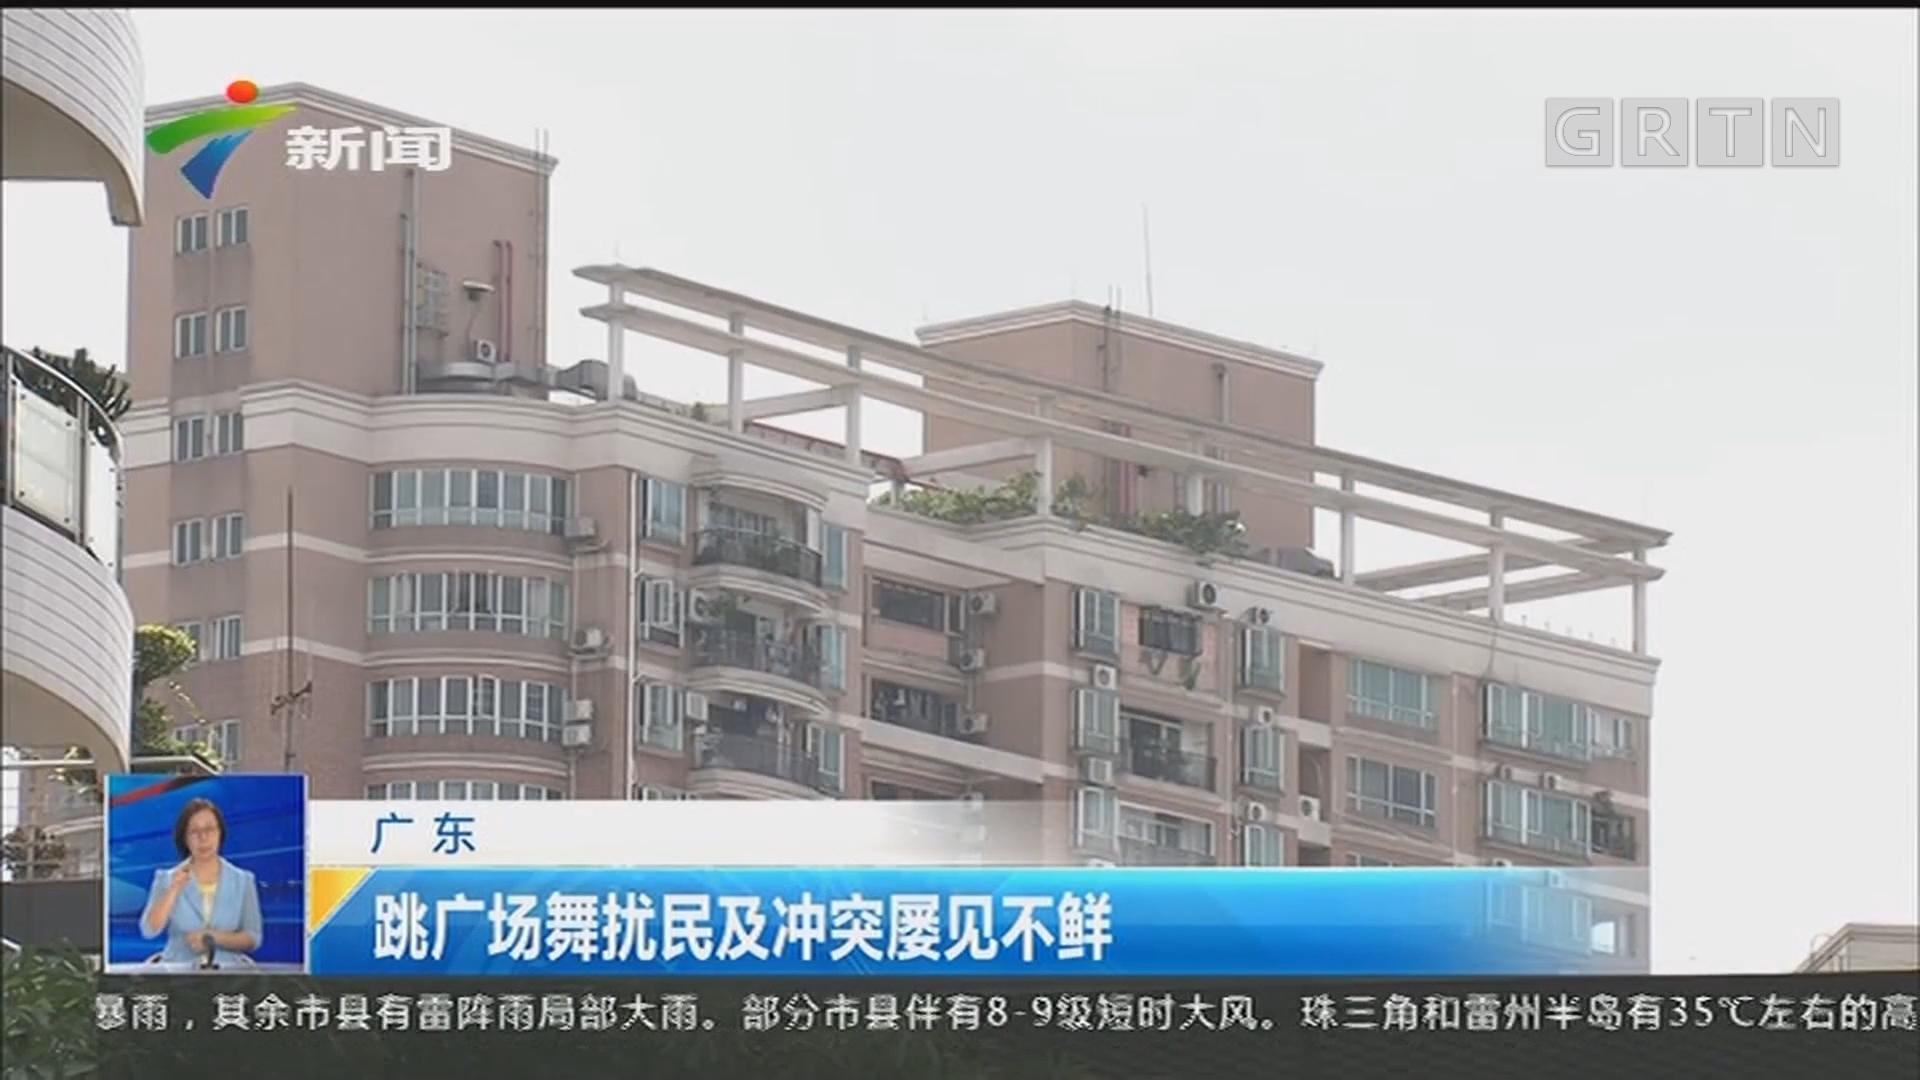 广东:跳广场舞扰民及冲突屡见不鲜